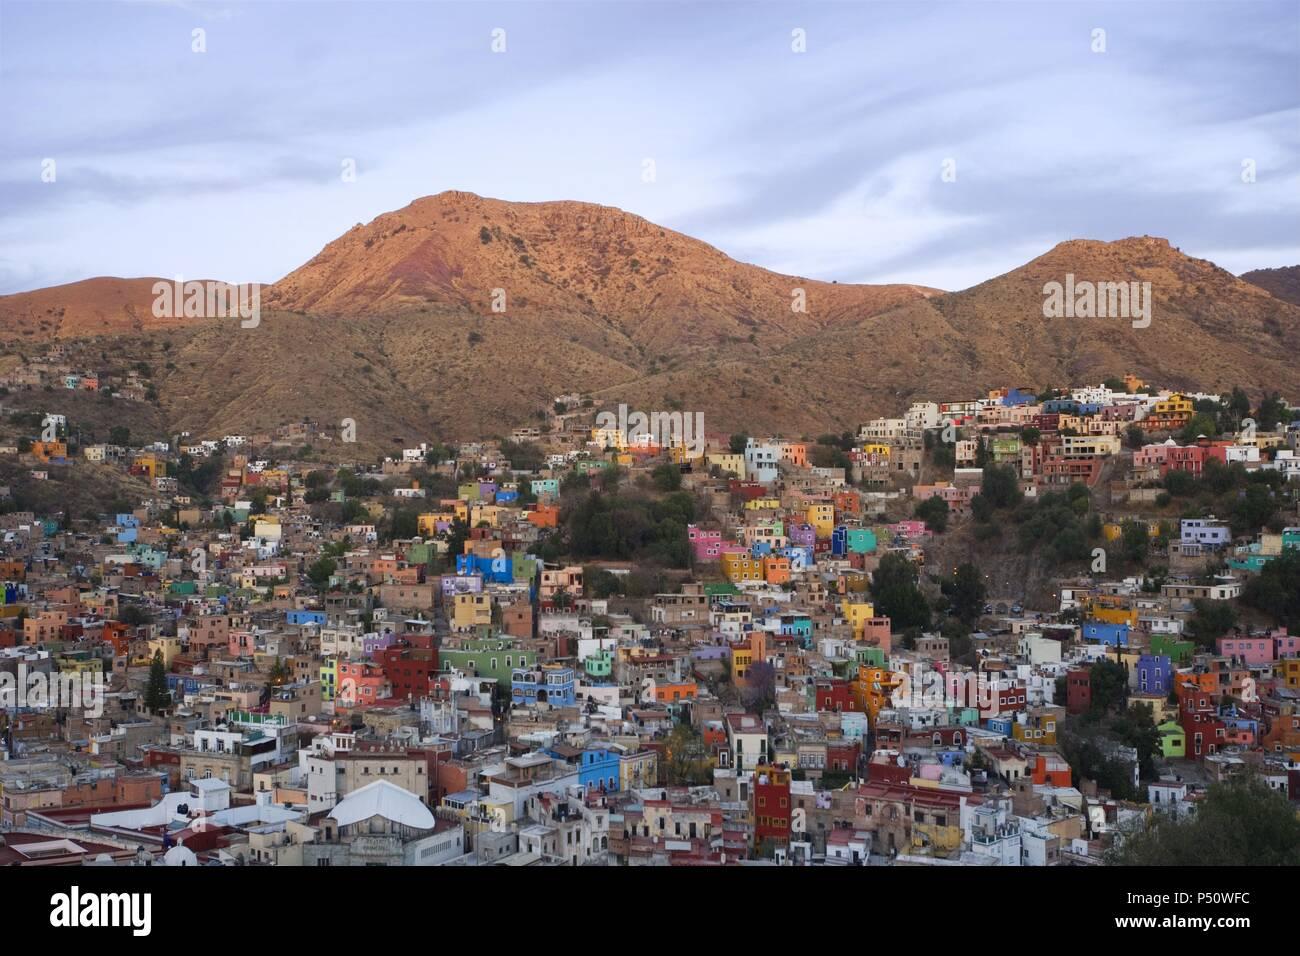 MEXICO. GUANAJUATO. Panorámica al atardecer de la ciudad, declarada Patrimonio Cultural de la Humanidad por la UNESCO. Estado de Guanajuato. - Stock Image